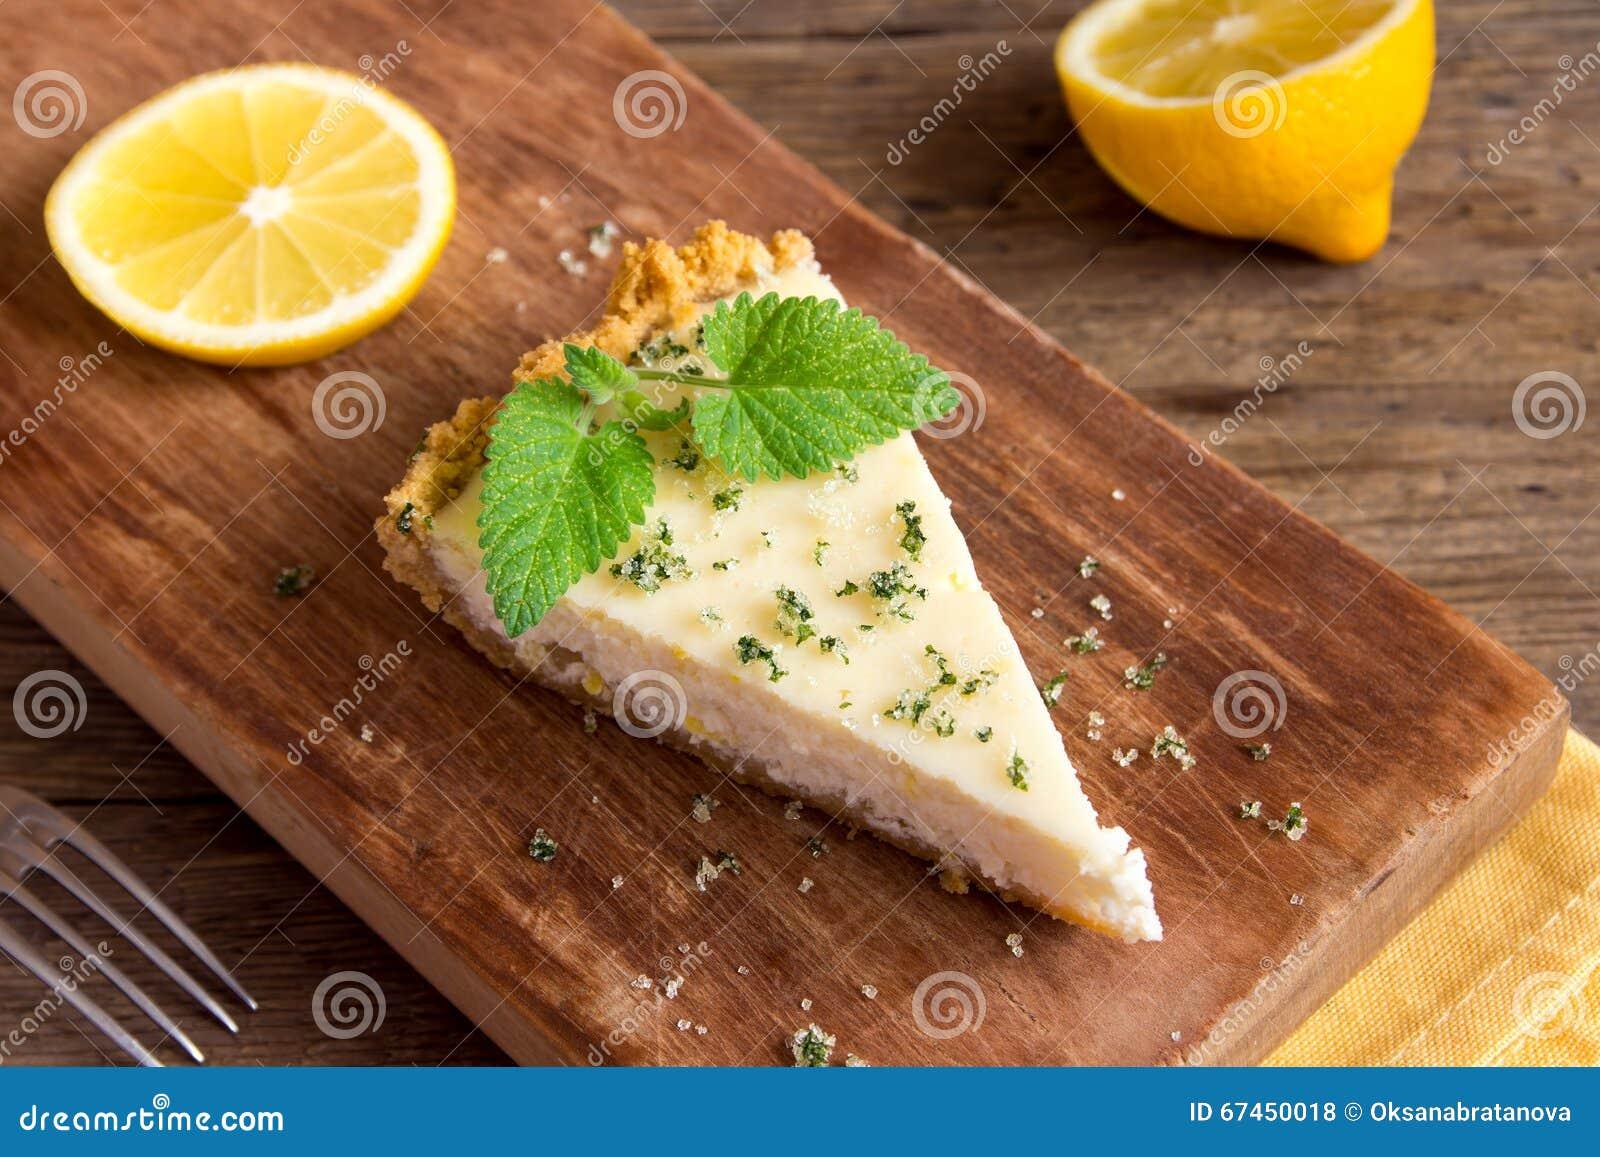 Taste Of Home Lemon Cherry Cake